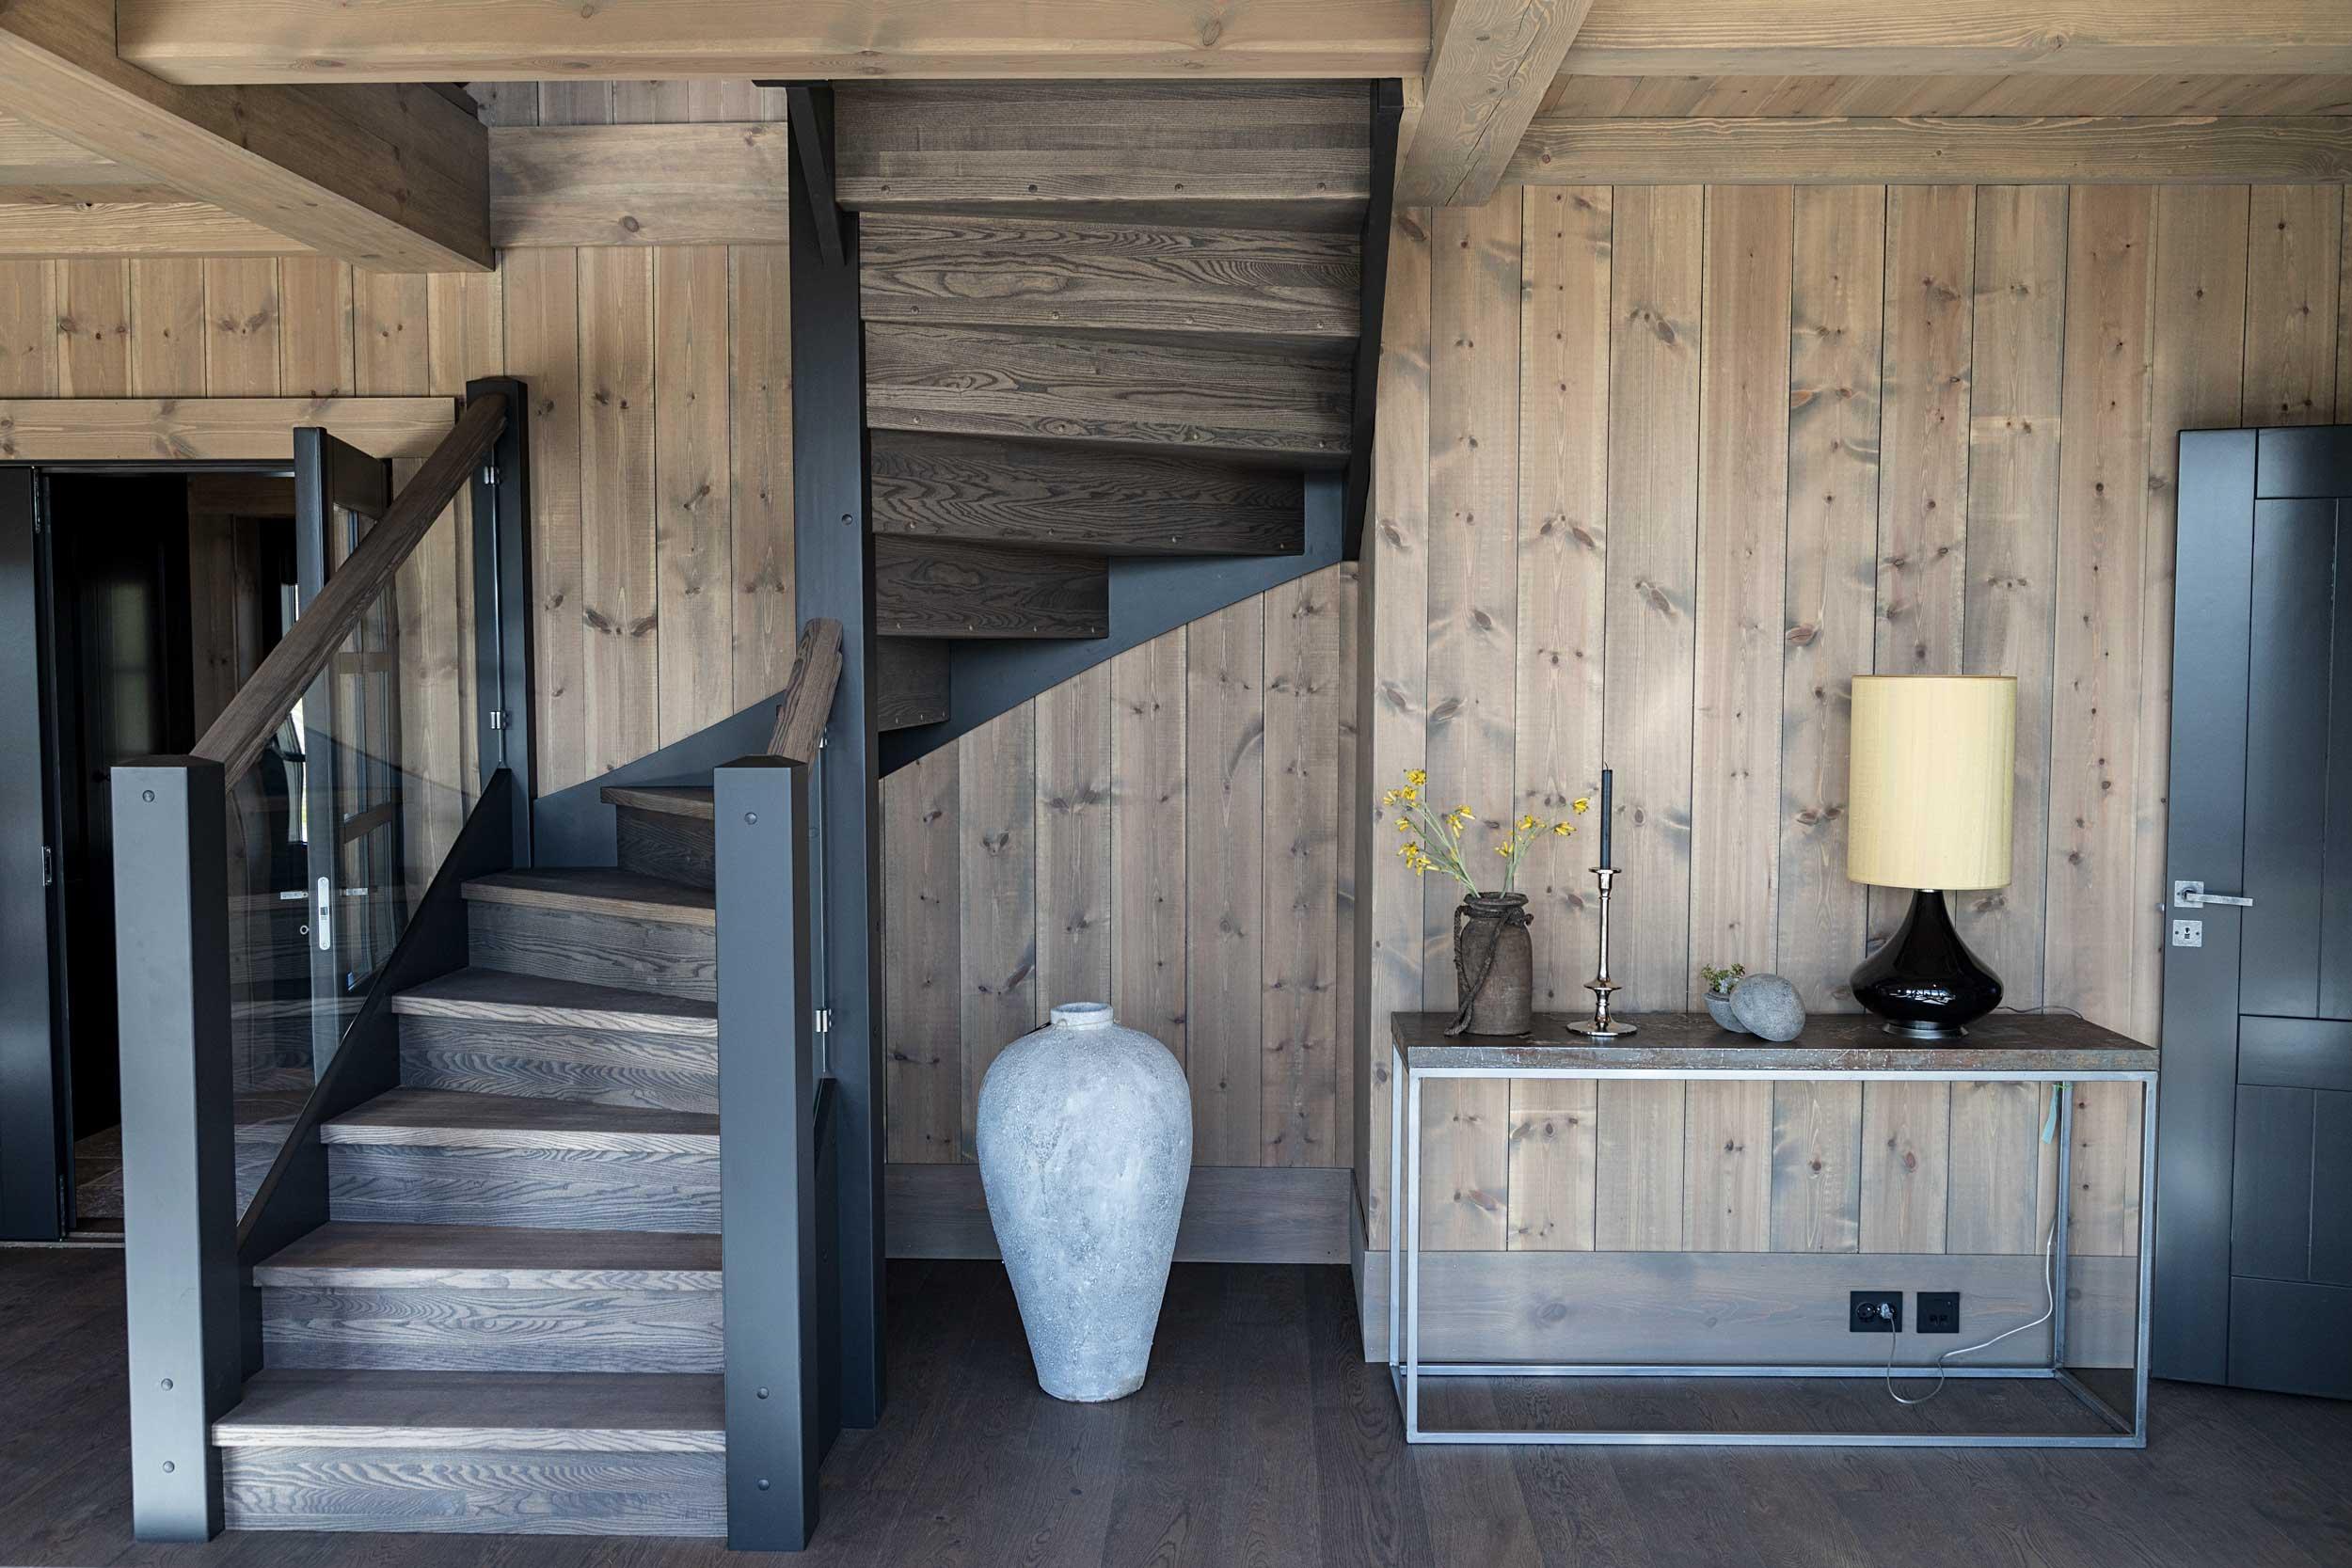 Moderne trapp i nydelig stue i fjellhytte med beisede trevegger, bygget av Geilo Laft.